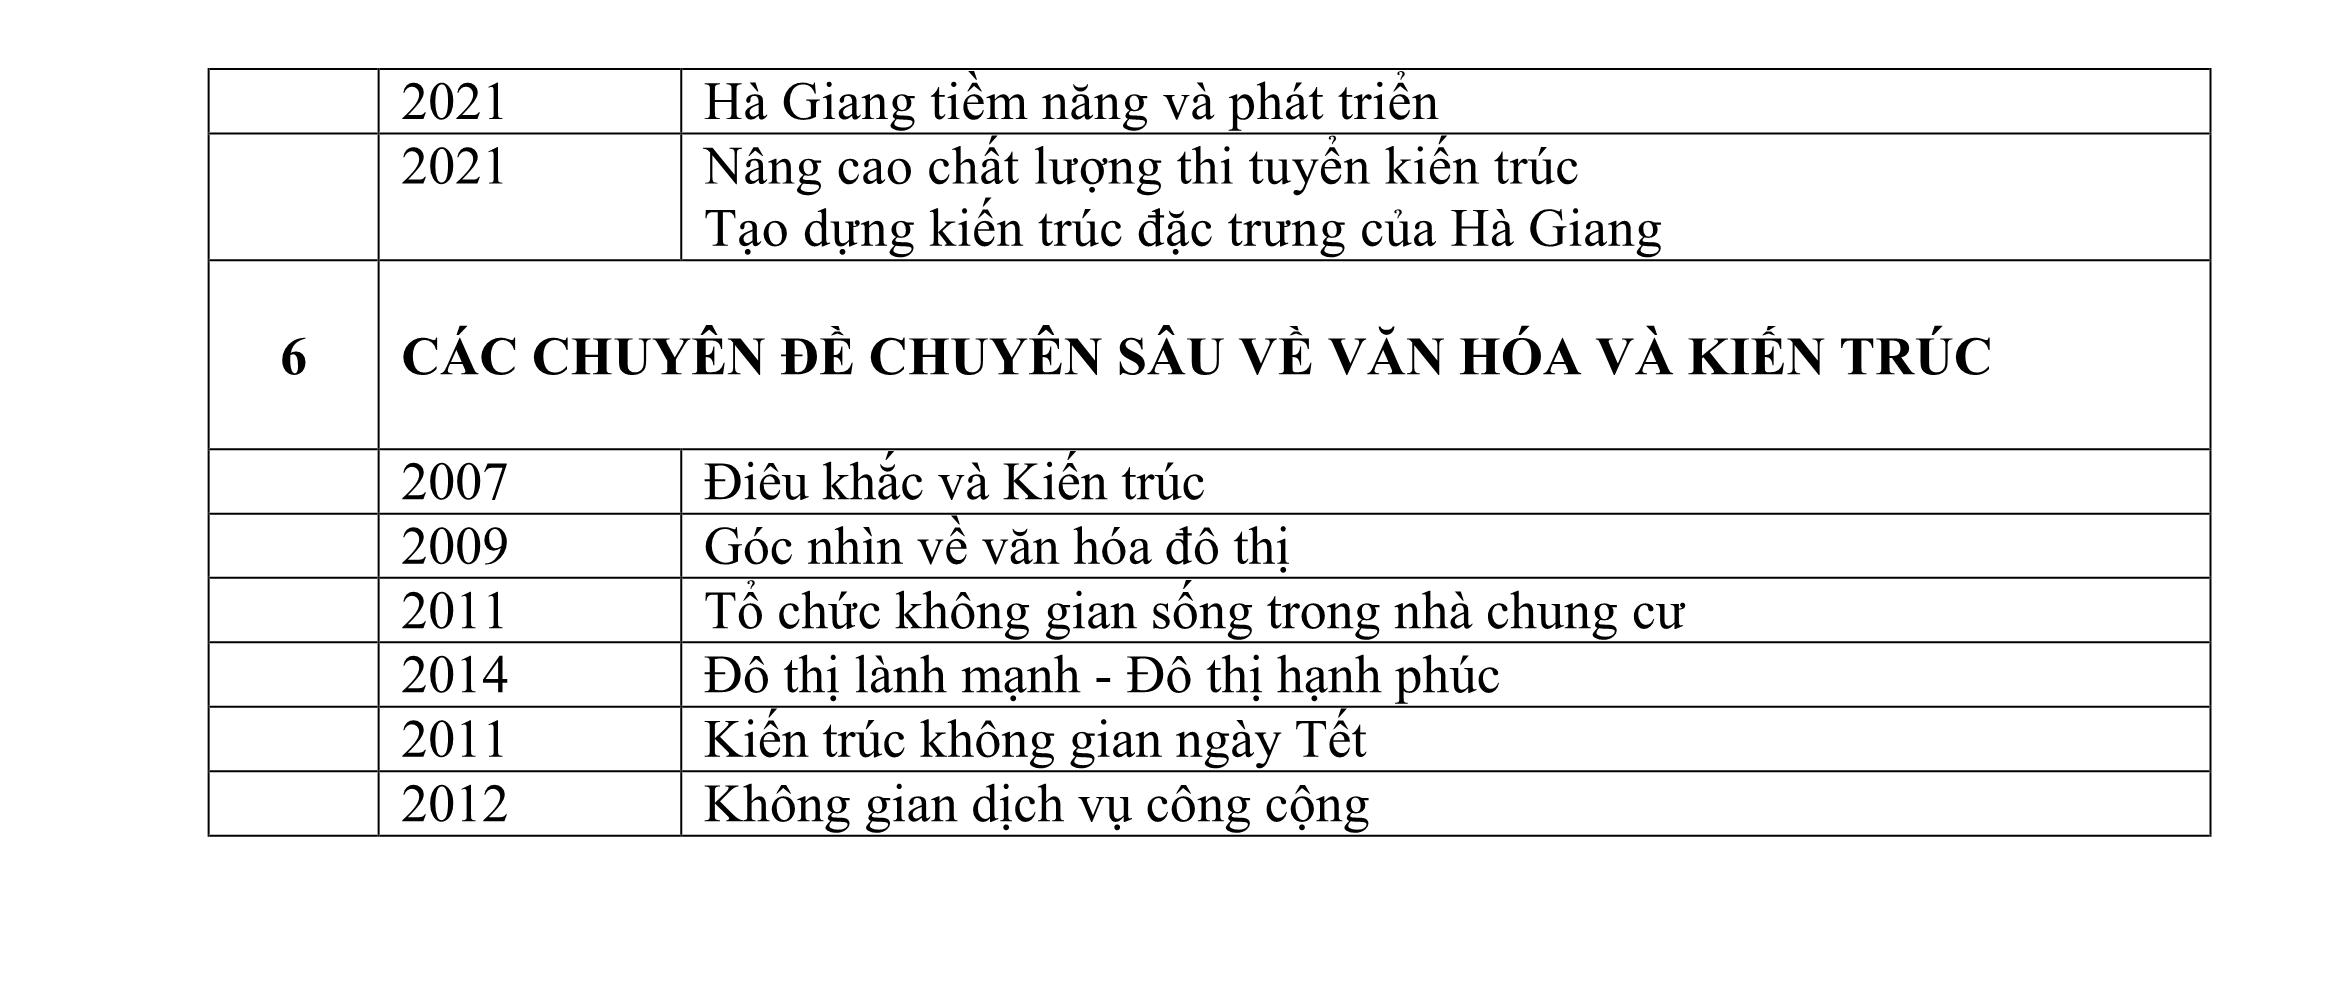 Thongtin-04